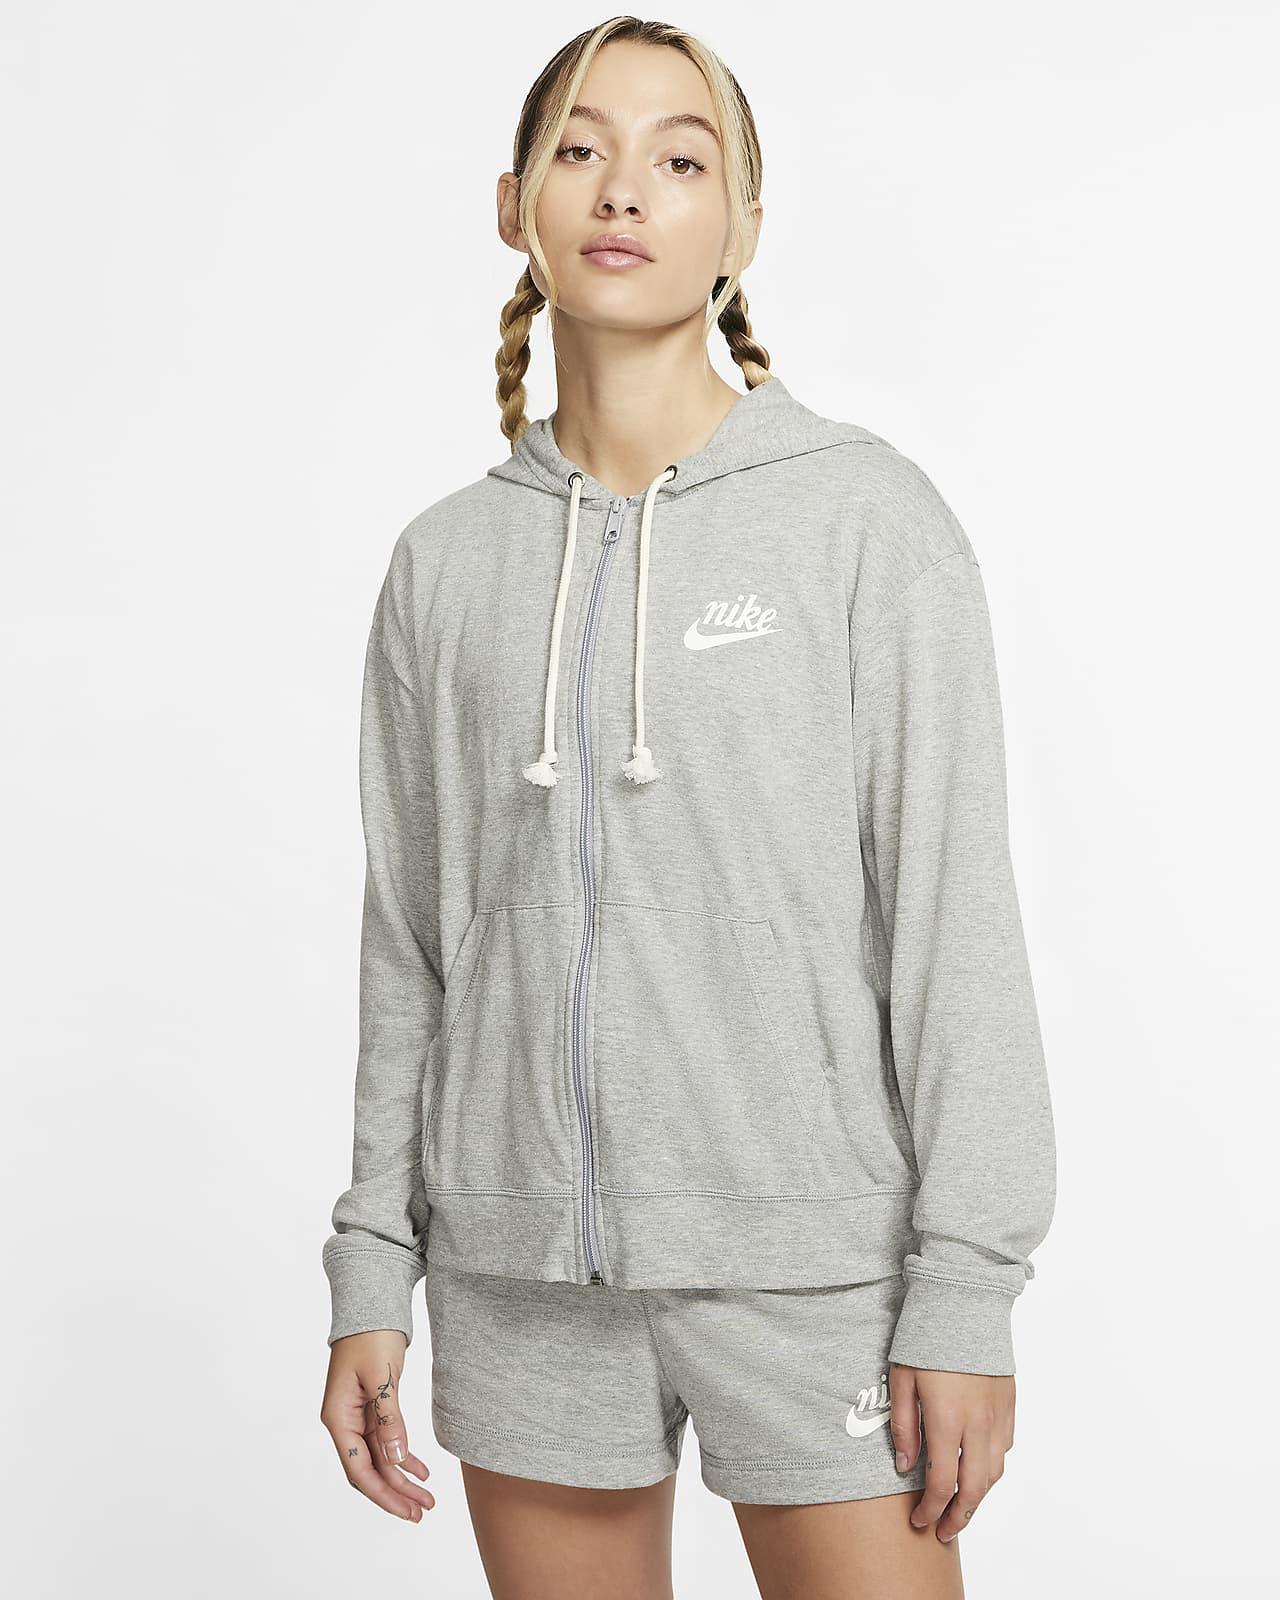 Nike Sportswear Women's Full-Zip Hoodie